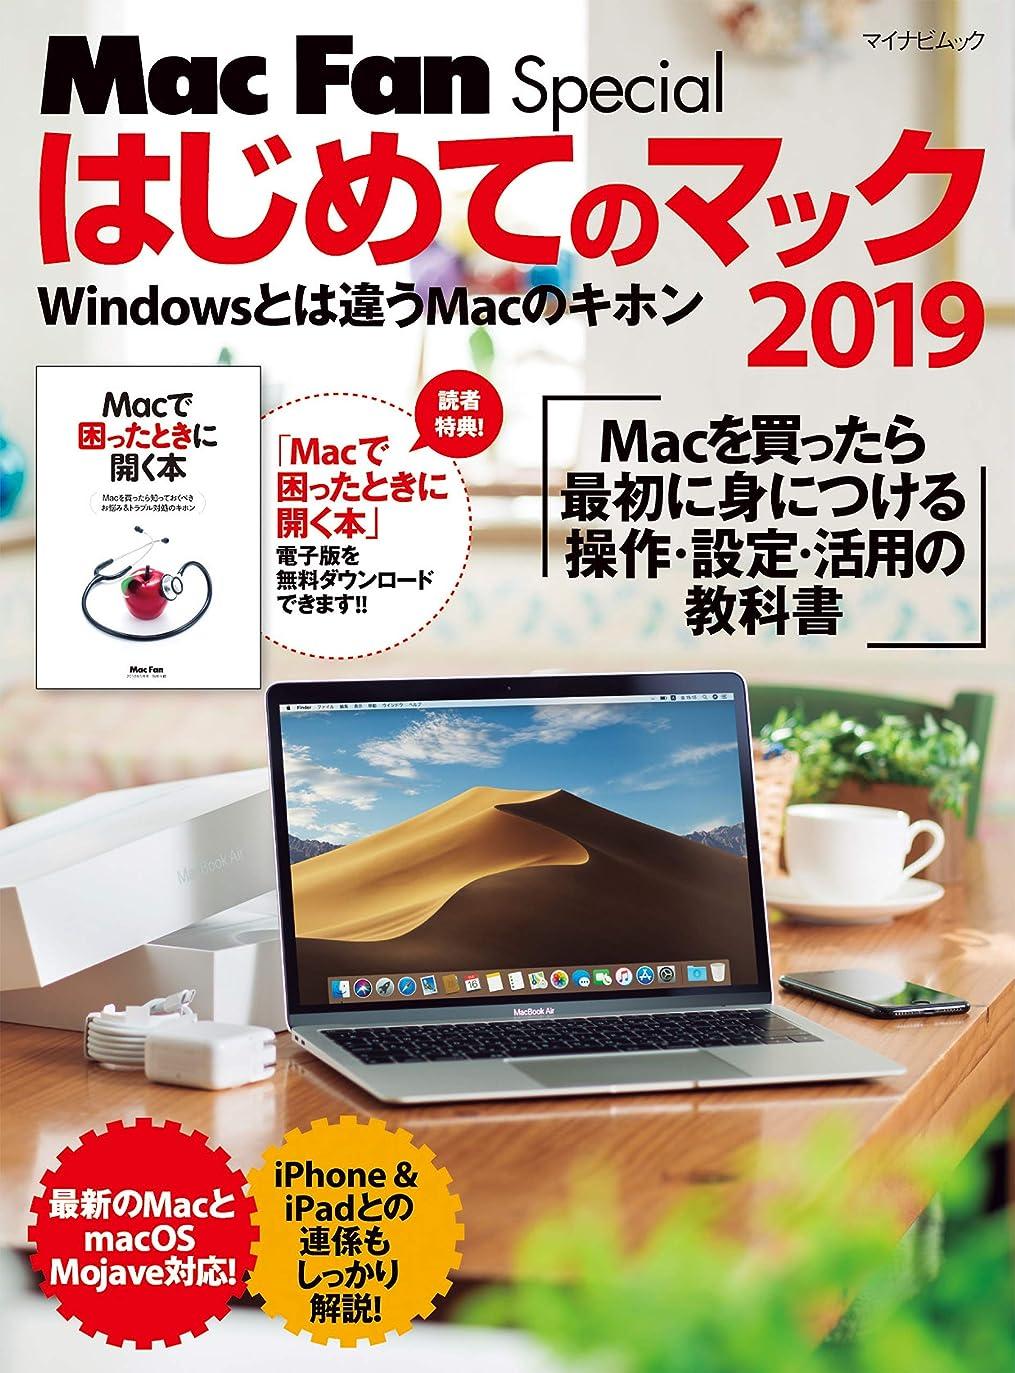 行うエスカレートクラックはじめてのマック 2019 Mac Fan Special